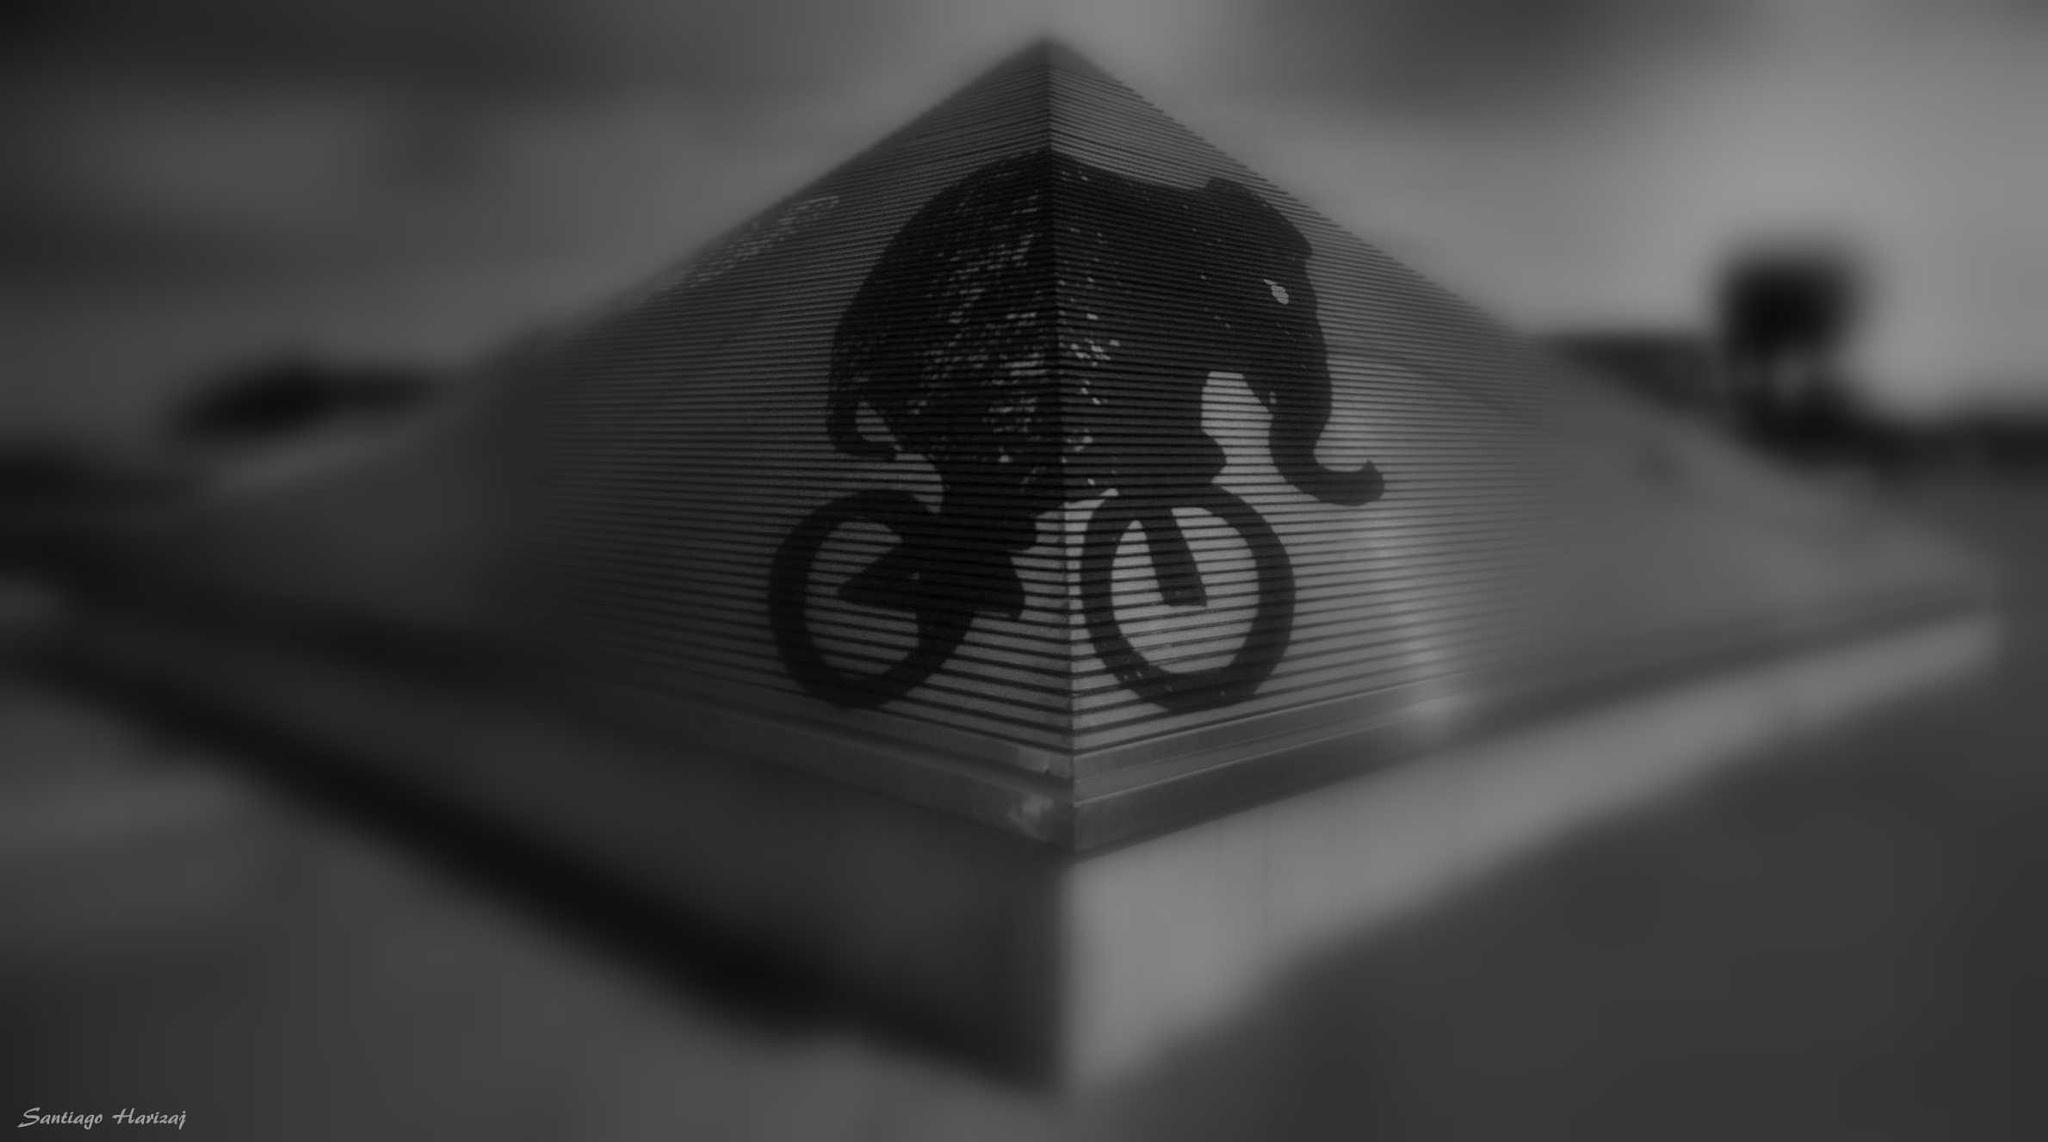 elefante by Santiago Harizaj